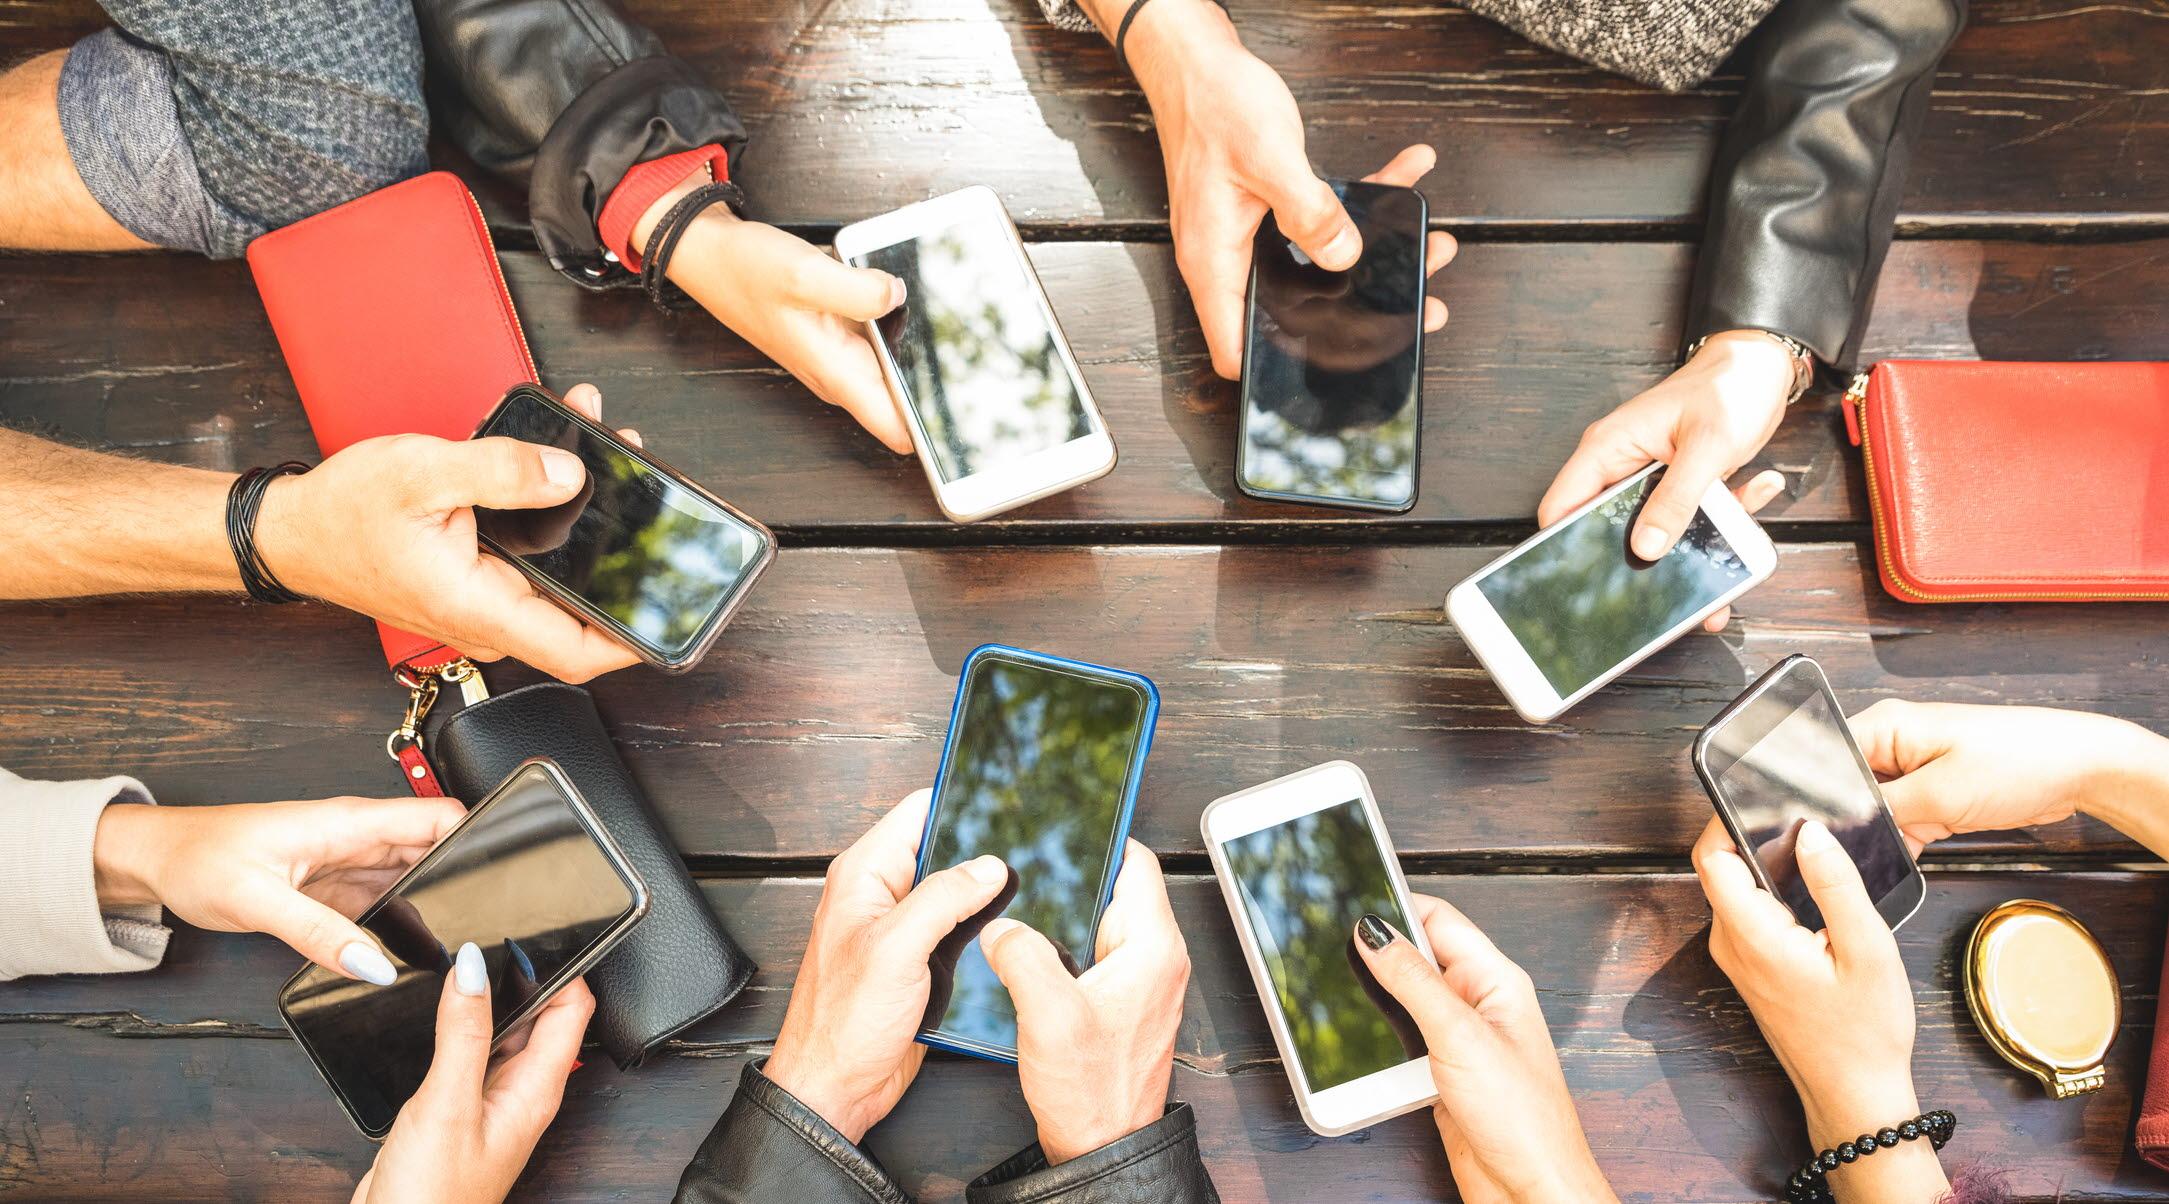 Hyppig bruk av sosiale medier påvirker unge jenters psykiske helse ...